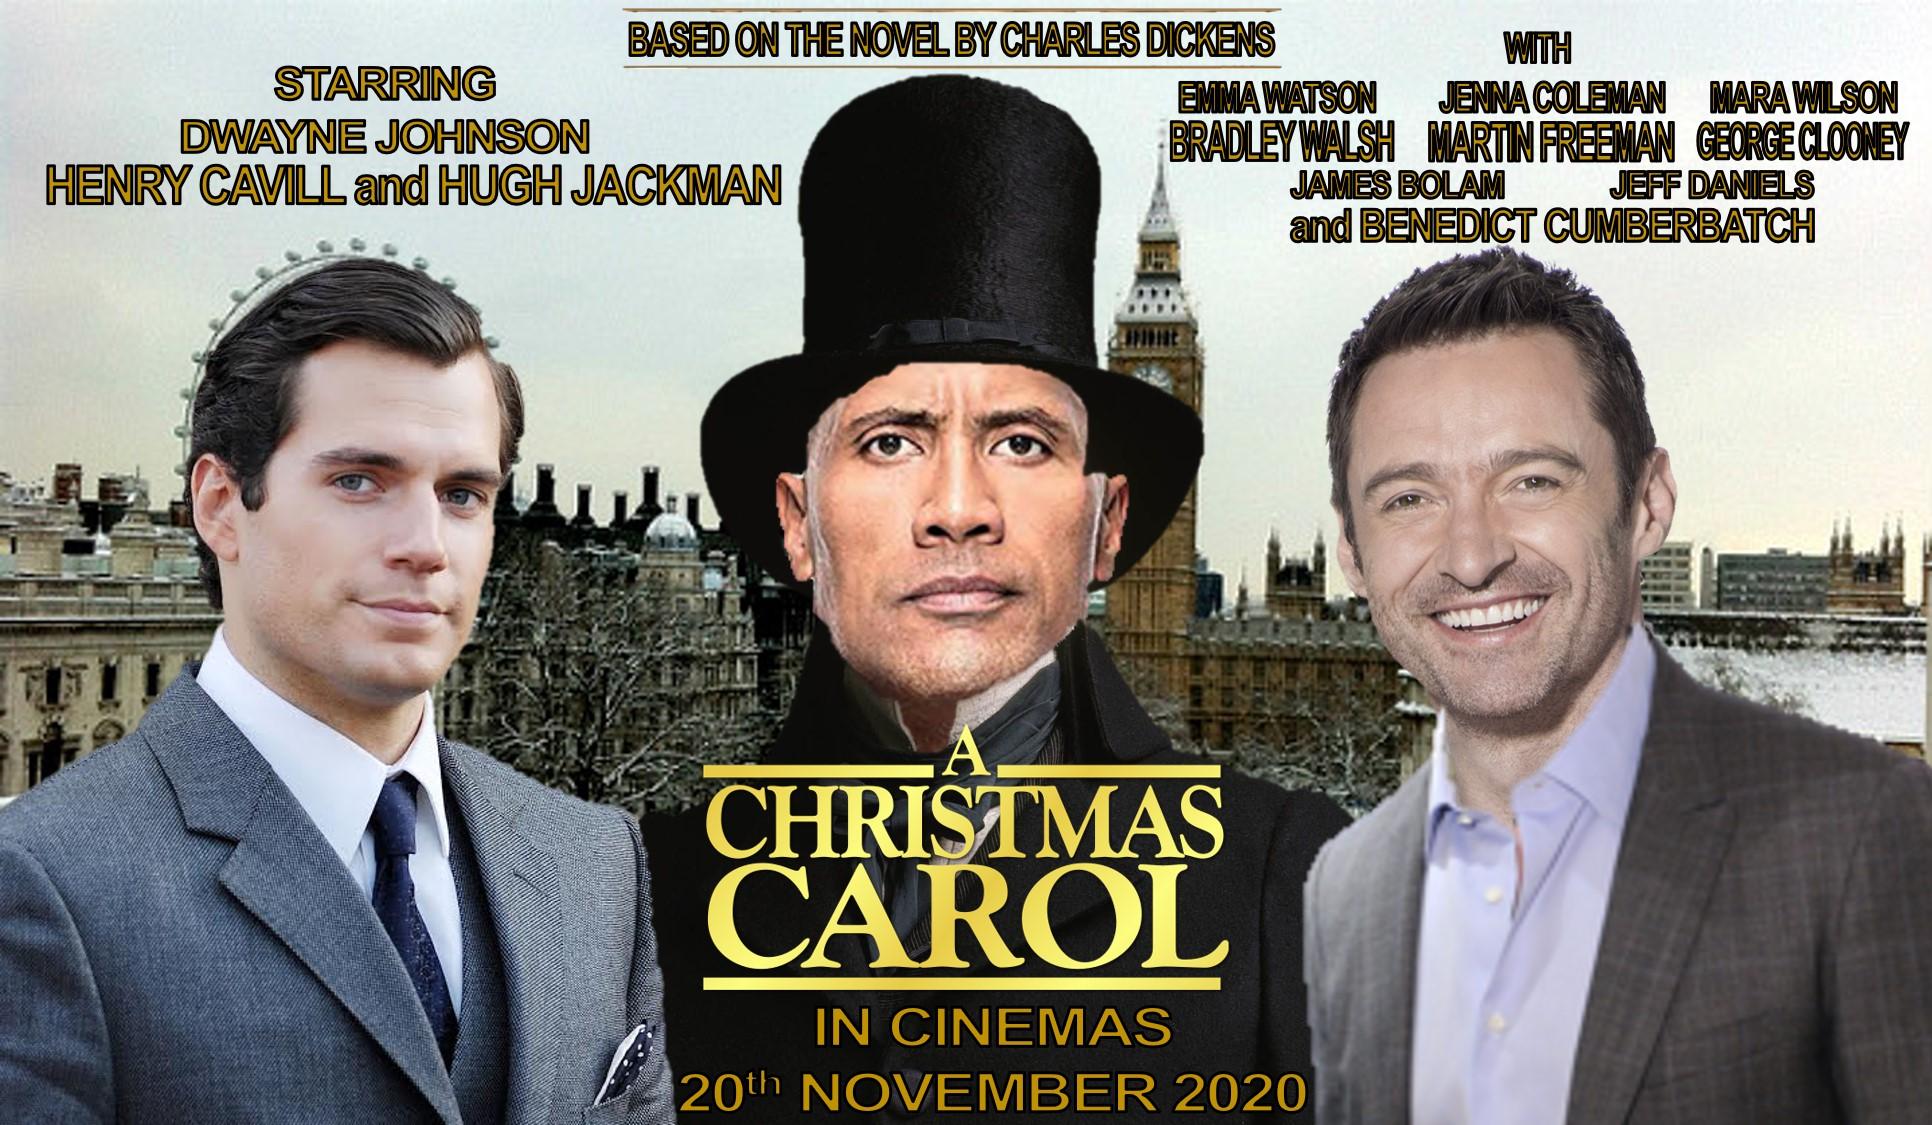 A Christmas Carol (2020 film)